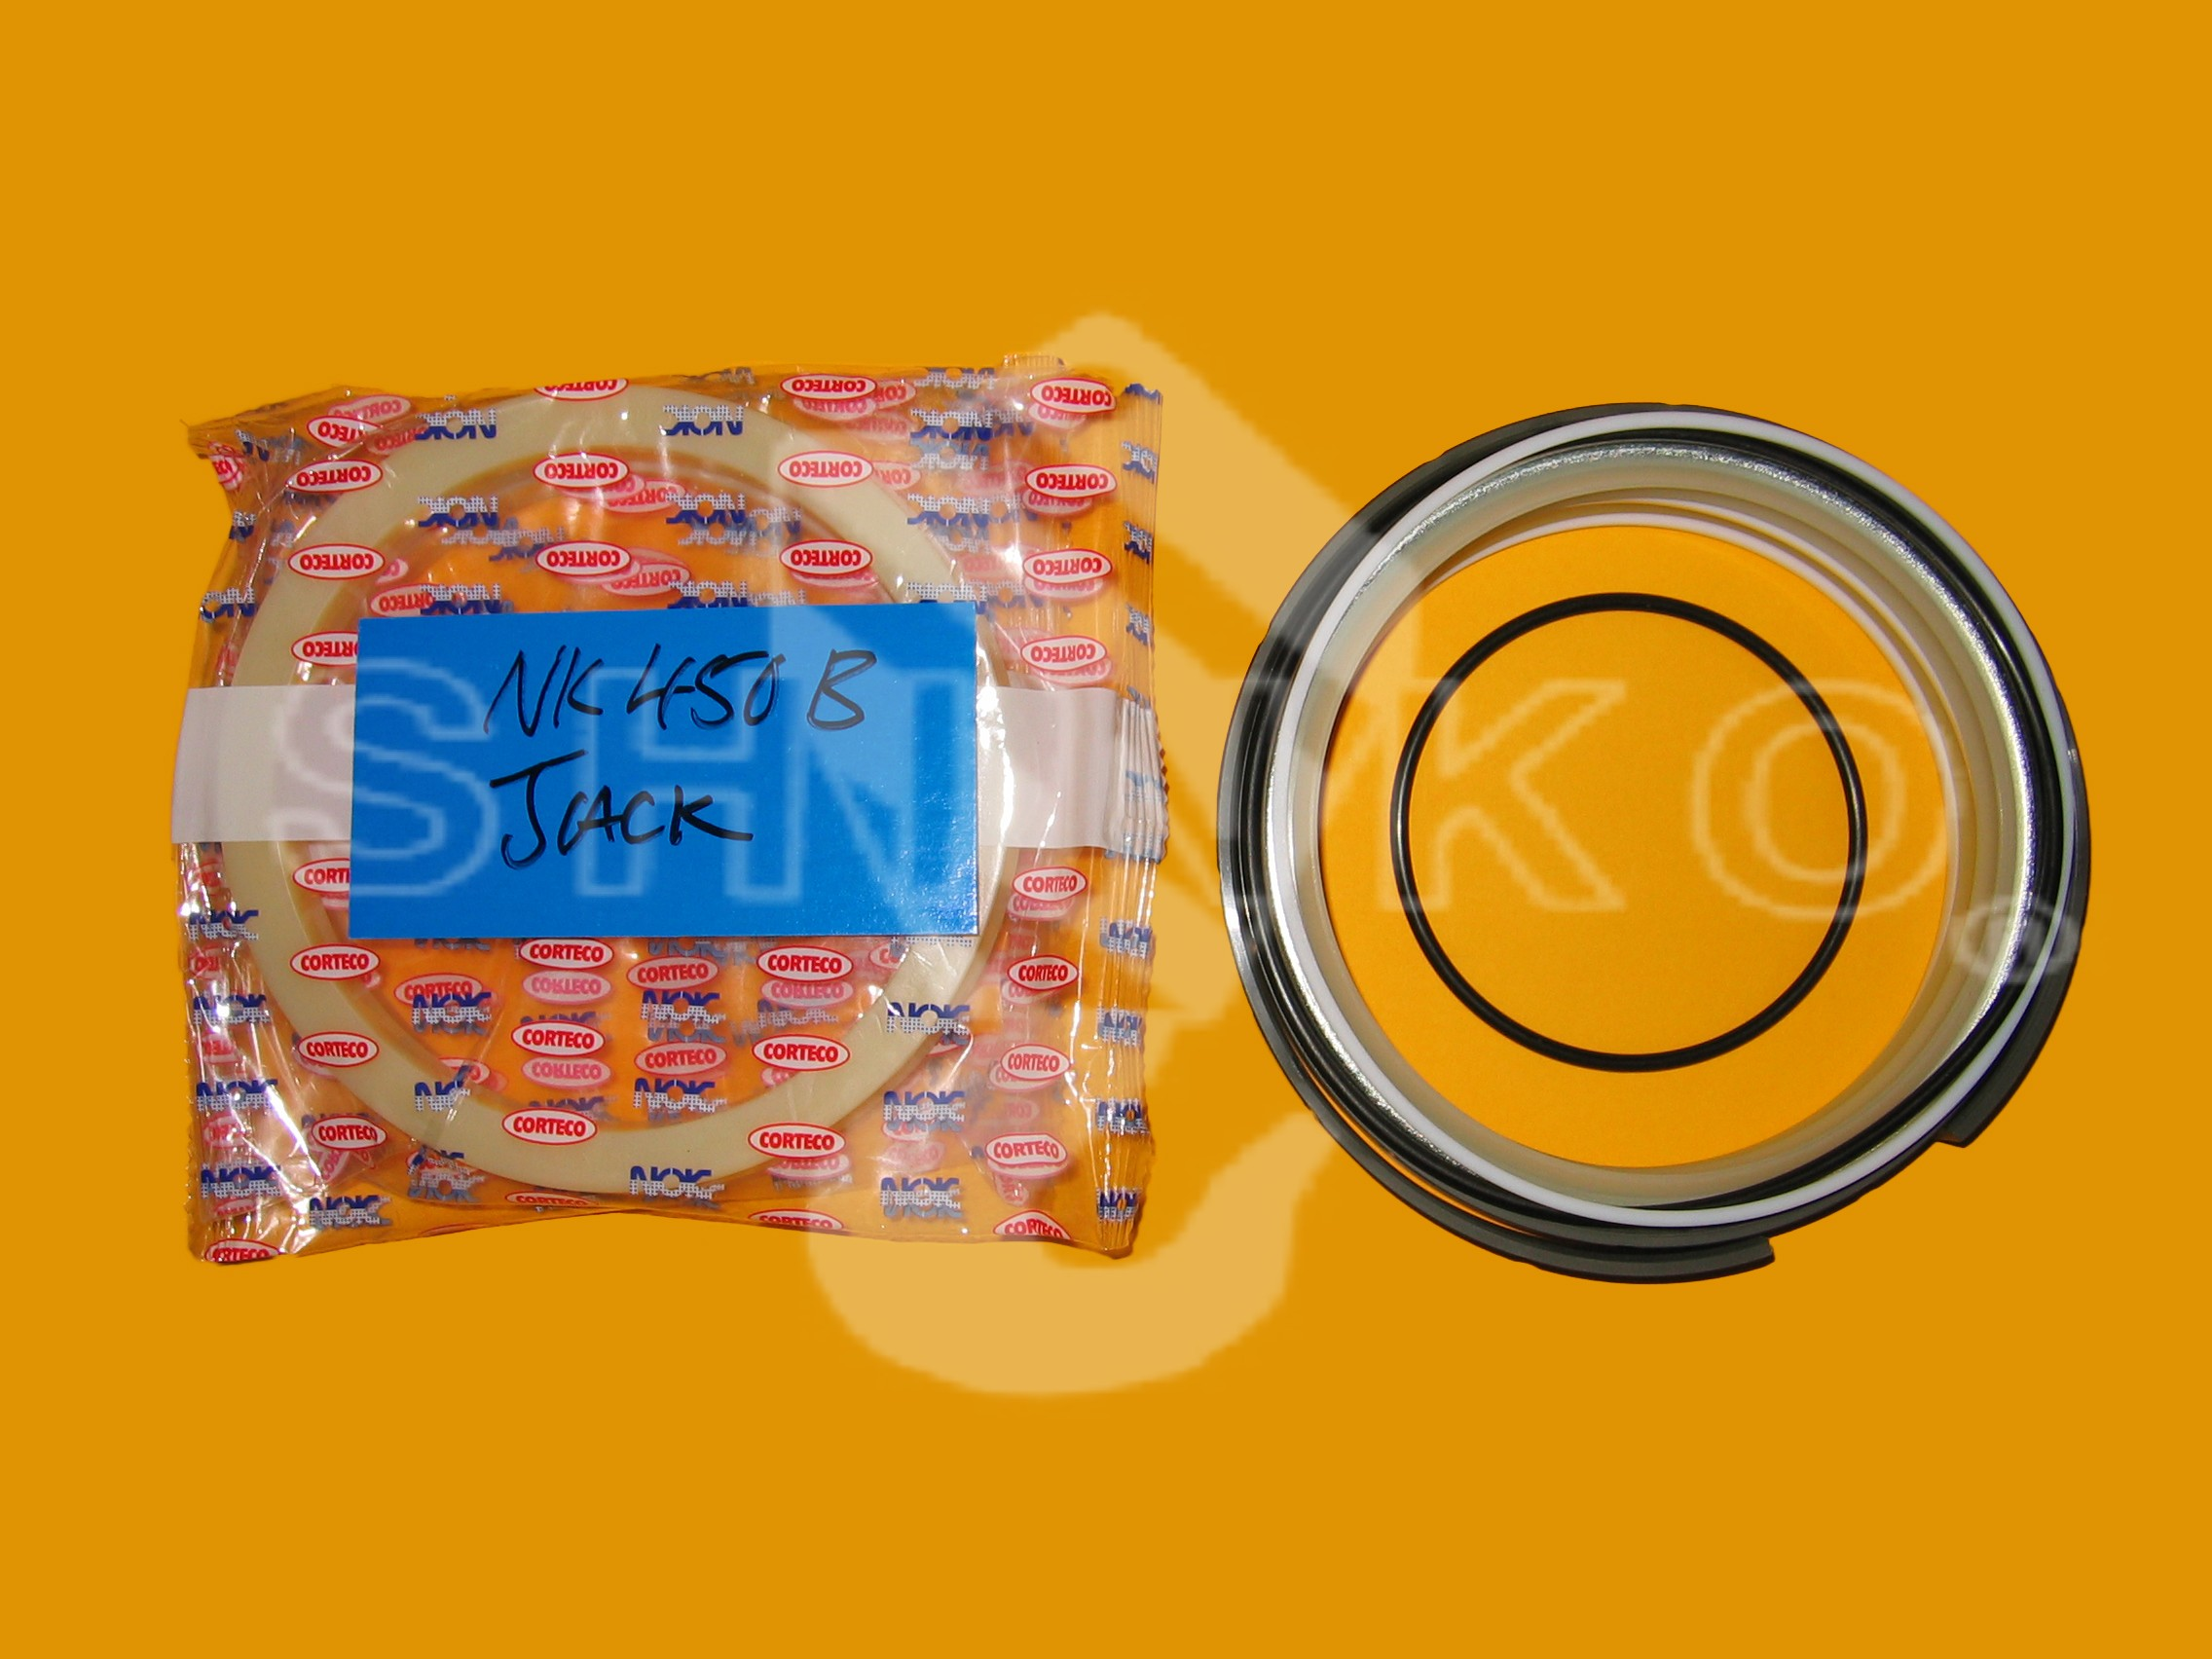 NK450B Jack Kit